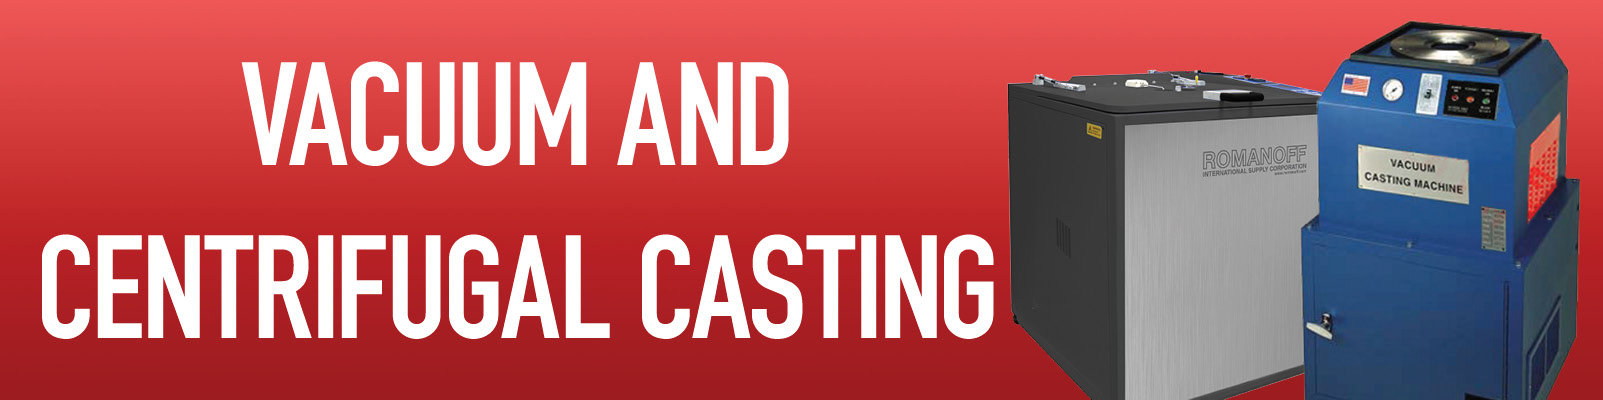 Vacuum / Centrifugal Casting Machines